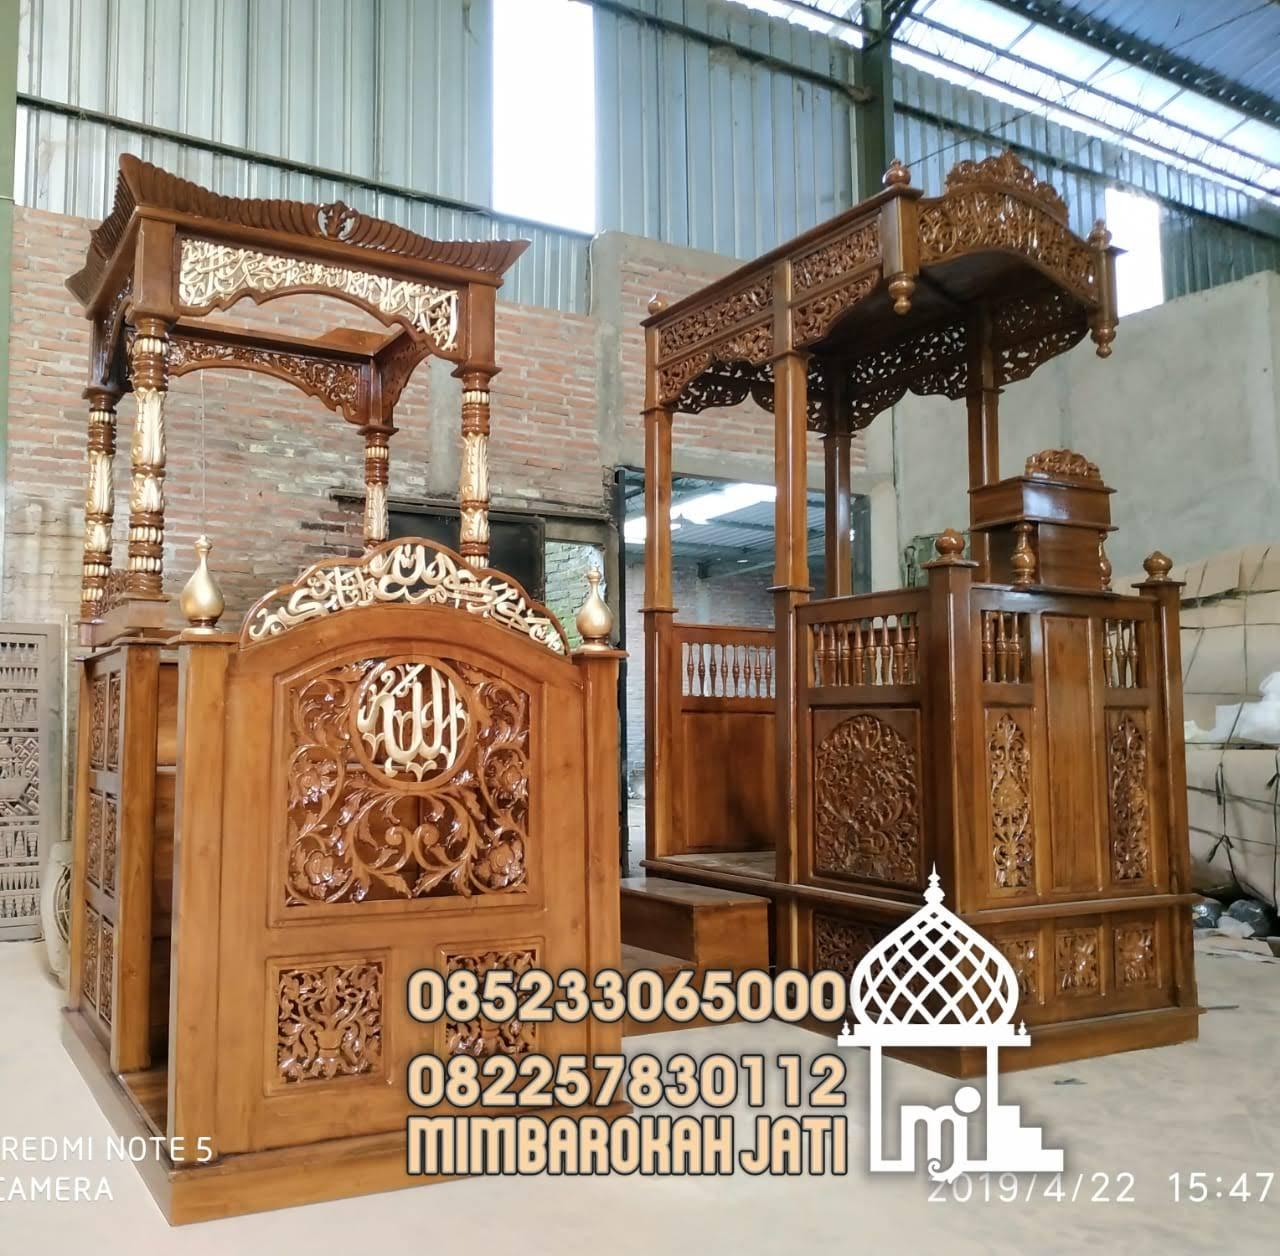 Mimbar Kayu Ornamen Ukiran Masjid Agung Kendal